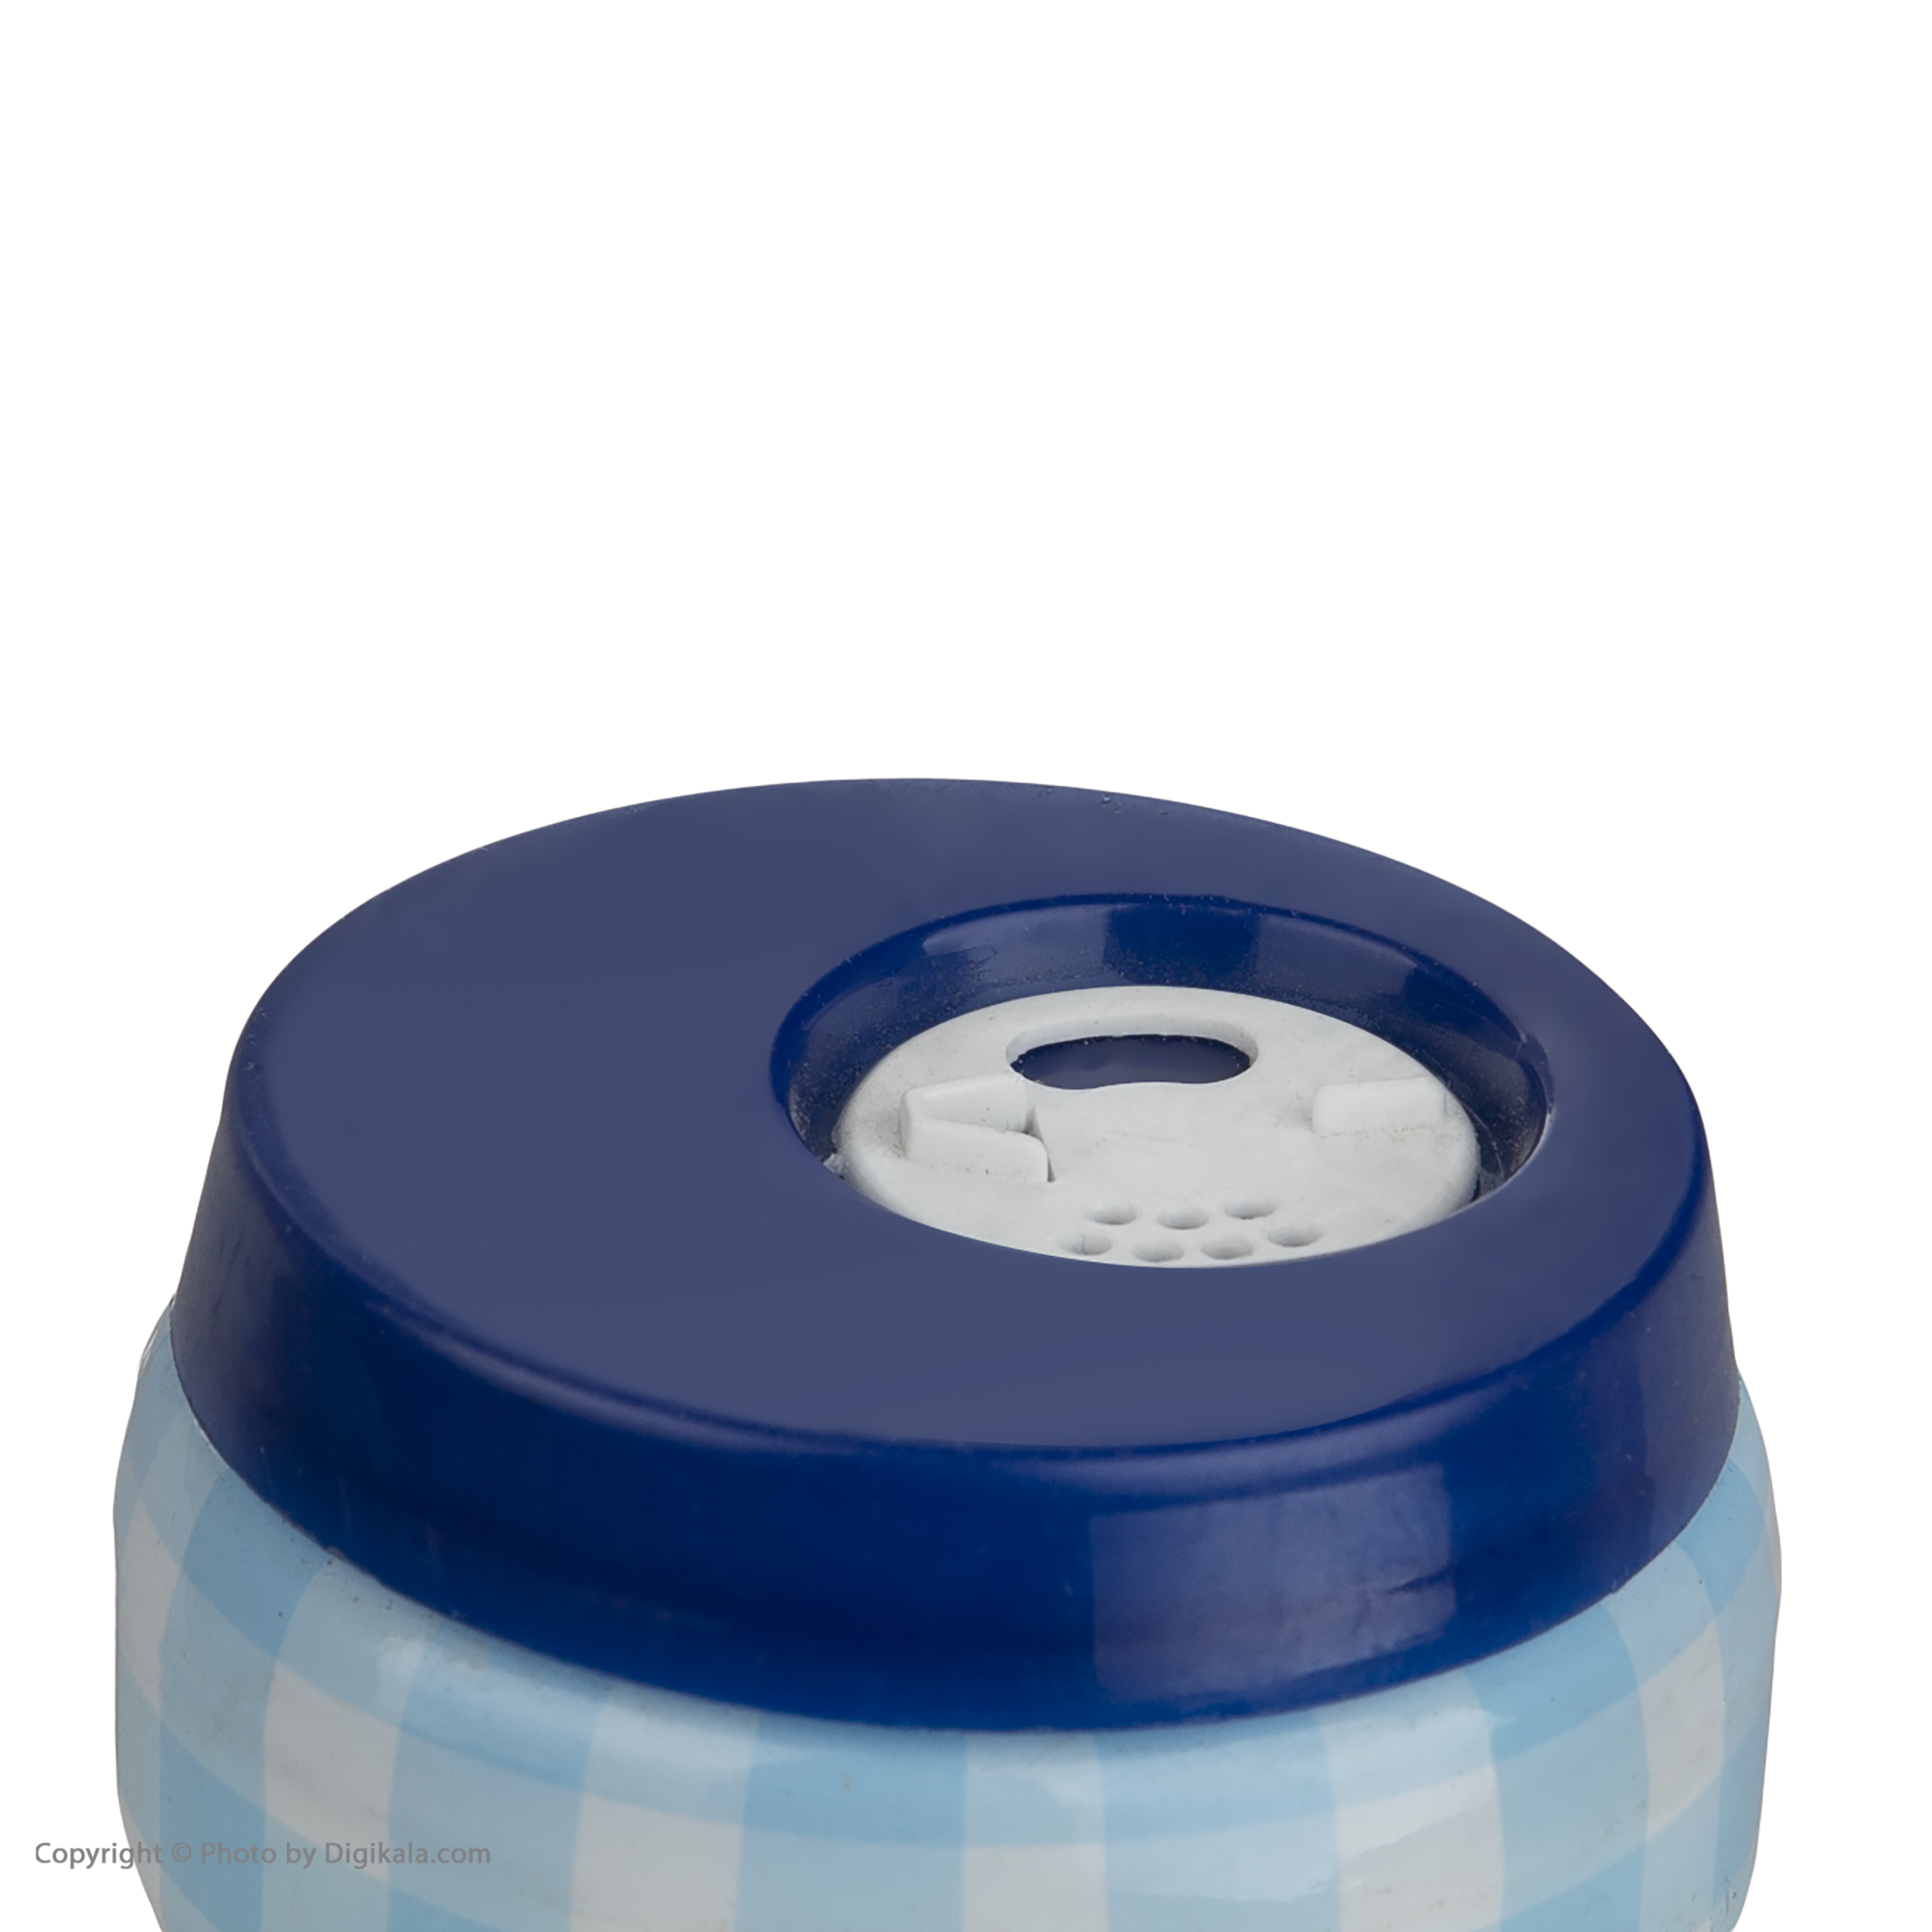 خرید                      نمک تصفیه شده ید دار برفود - 500 گرم